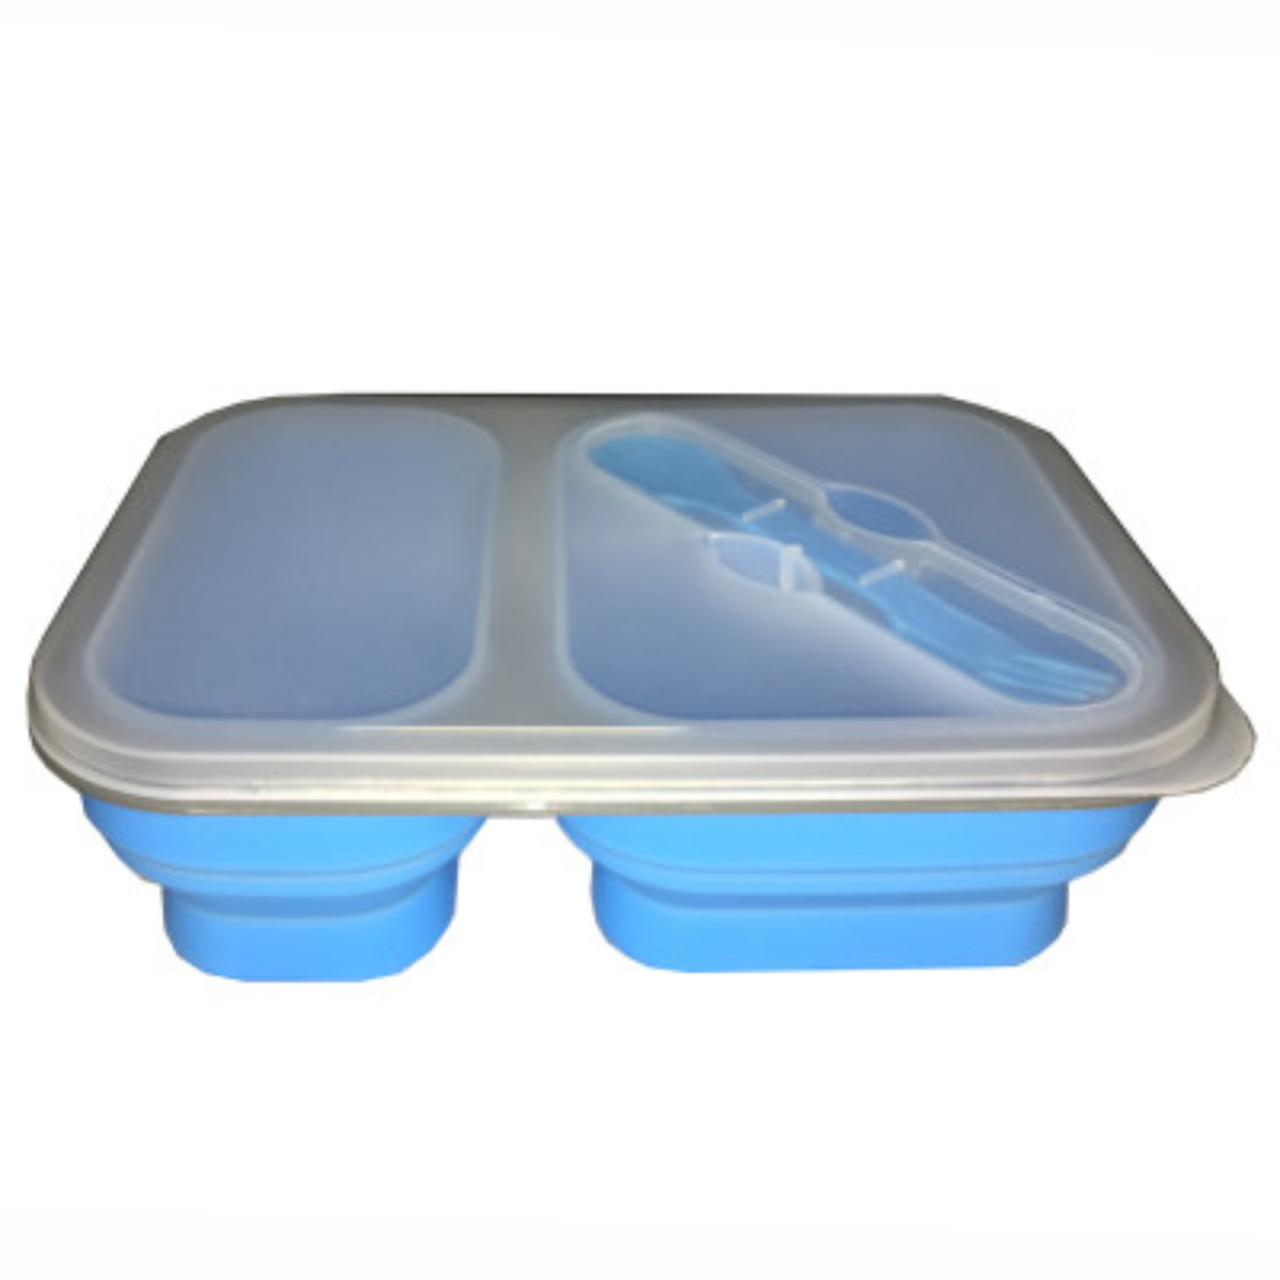 ظرف غذای اسنو هاو مدل Foldable